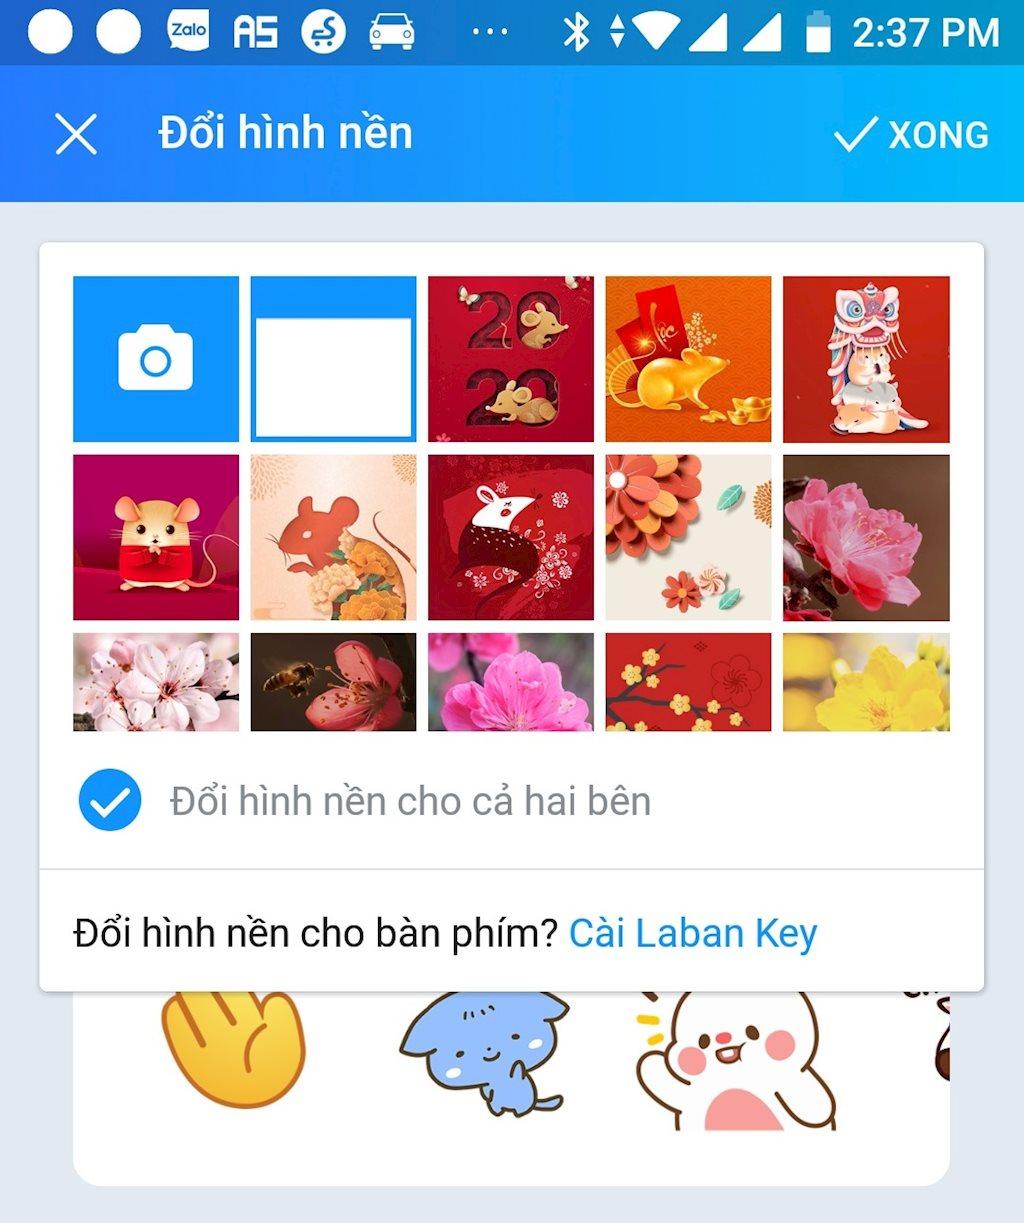 e3-huong-dan-doi-nen-zalo-screenshot_20200122-143748.jpg